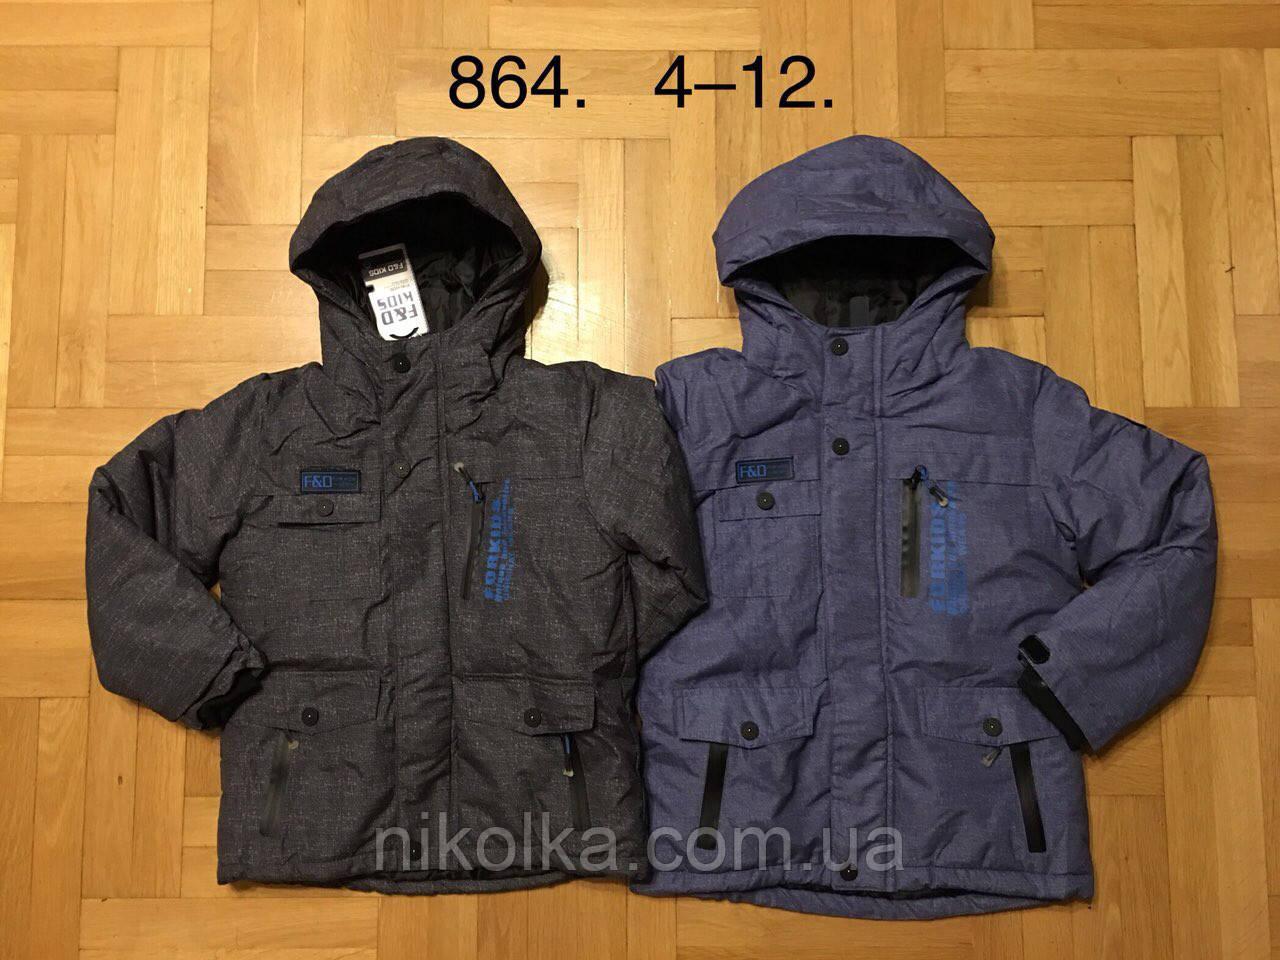 Куртки на флисе для мальчика оптом, F&D, 4-12 лет, арт. 864